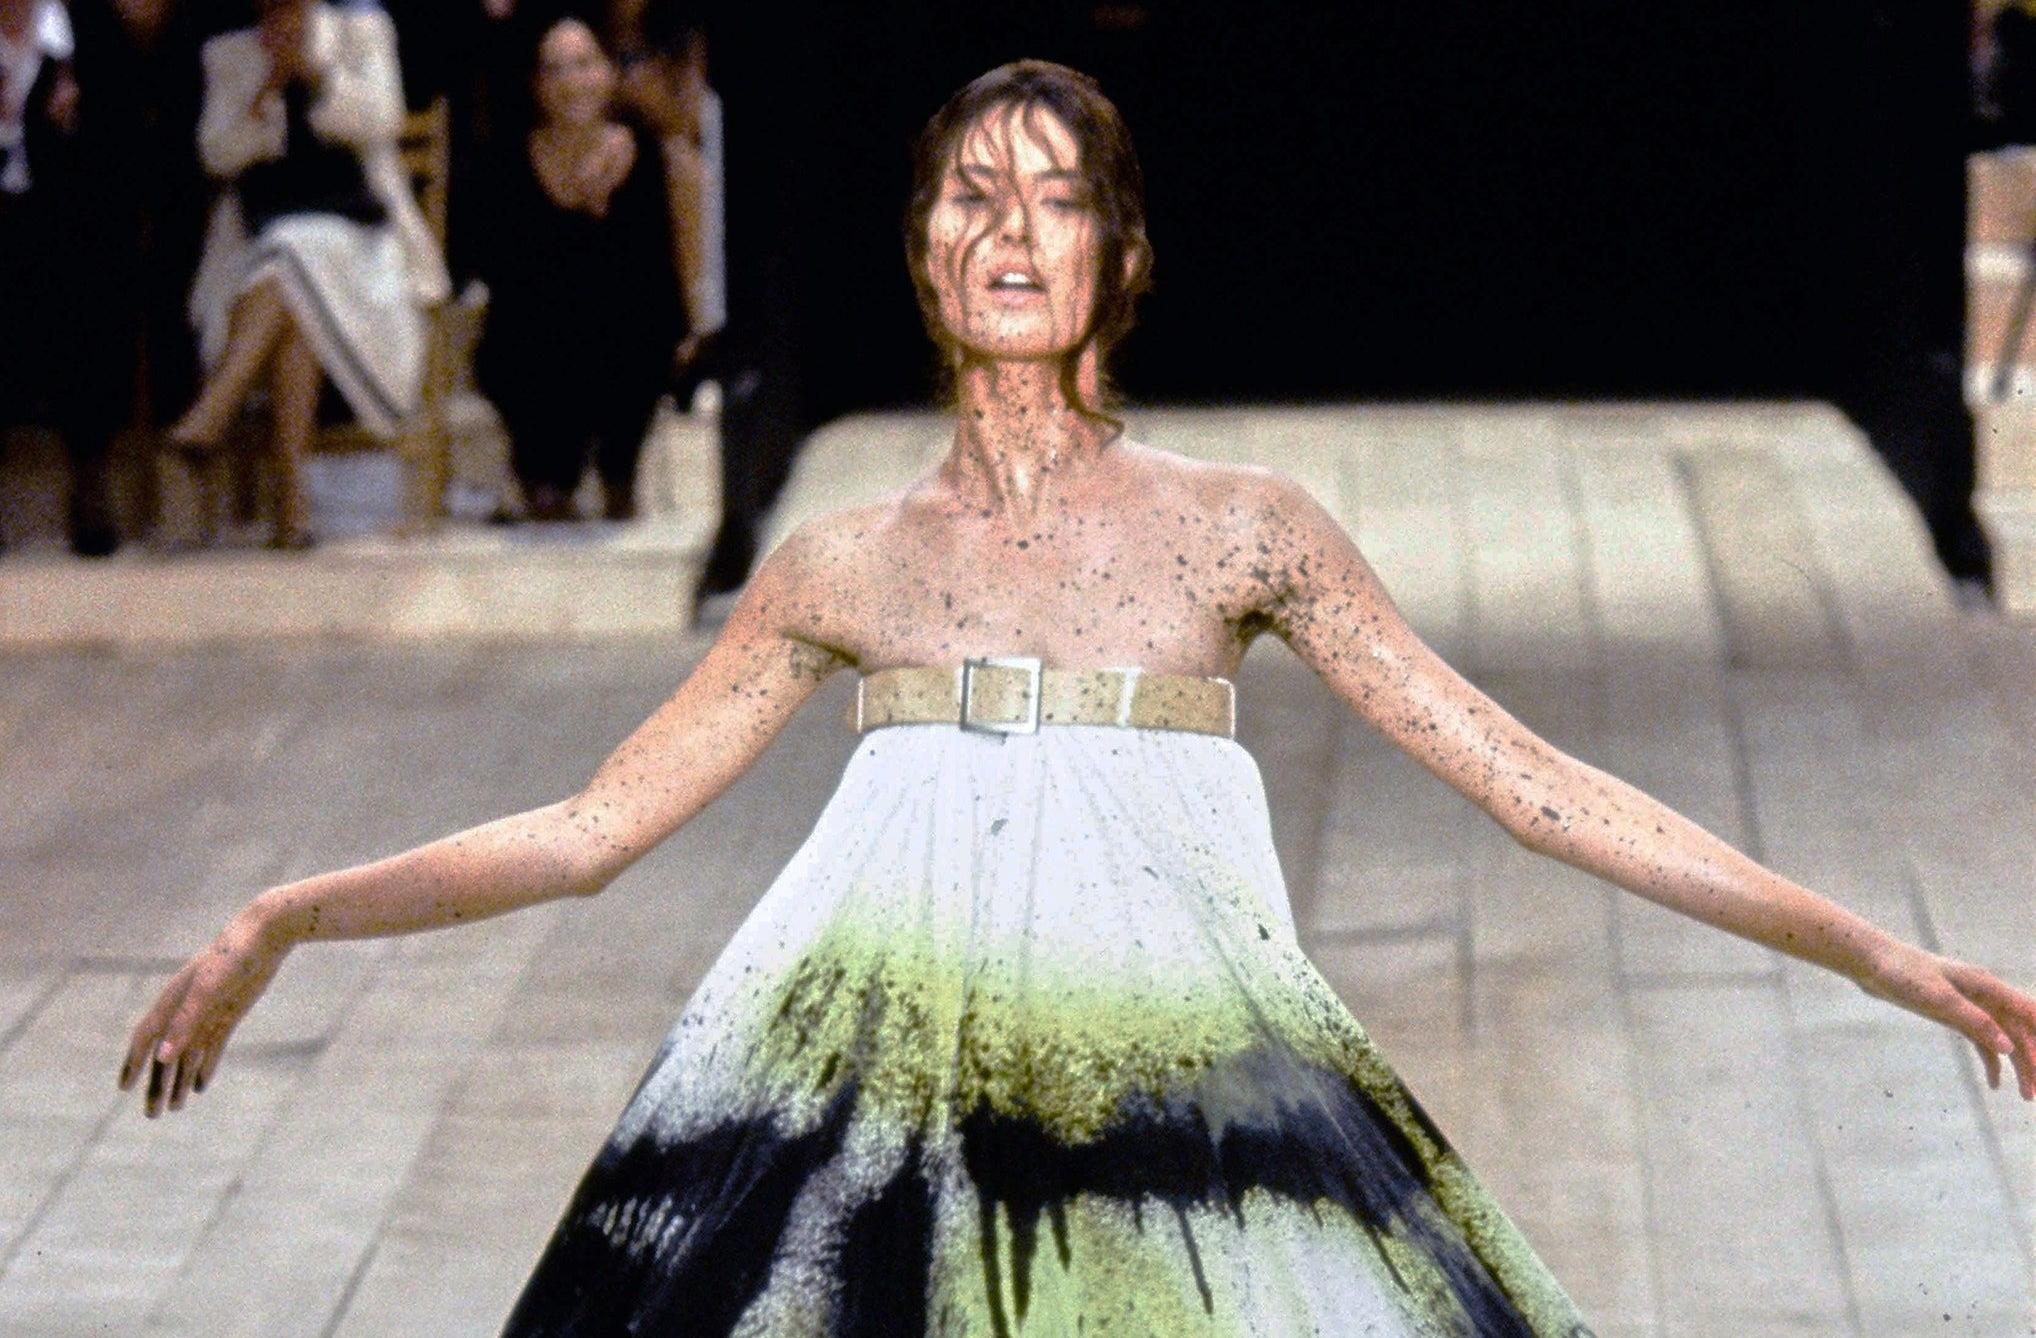 Работа модели на модном показе 6 букв марина мусиенко